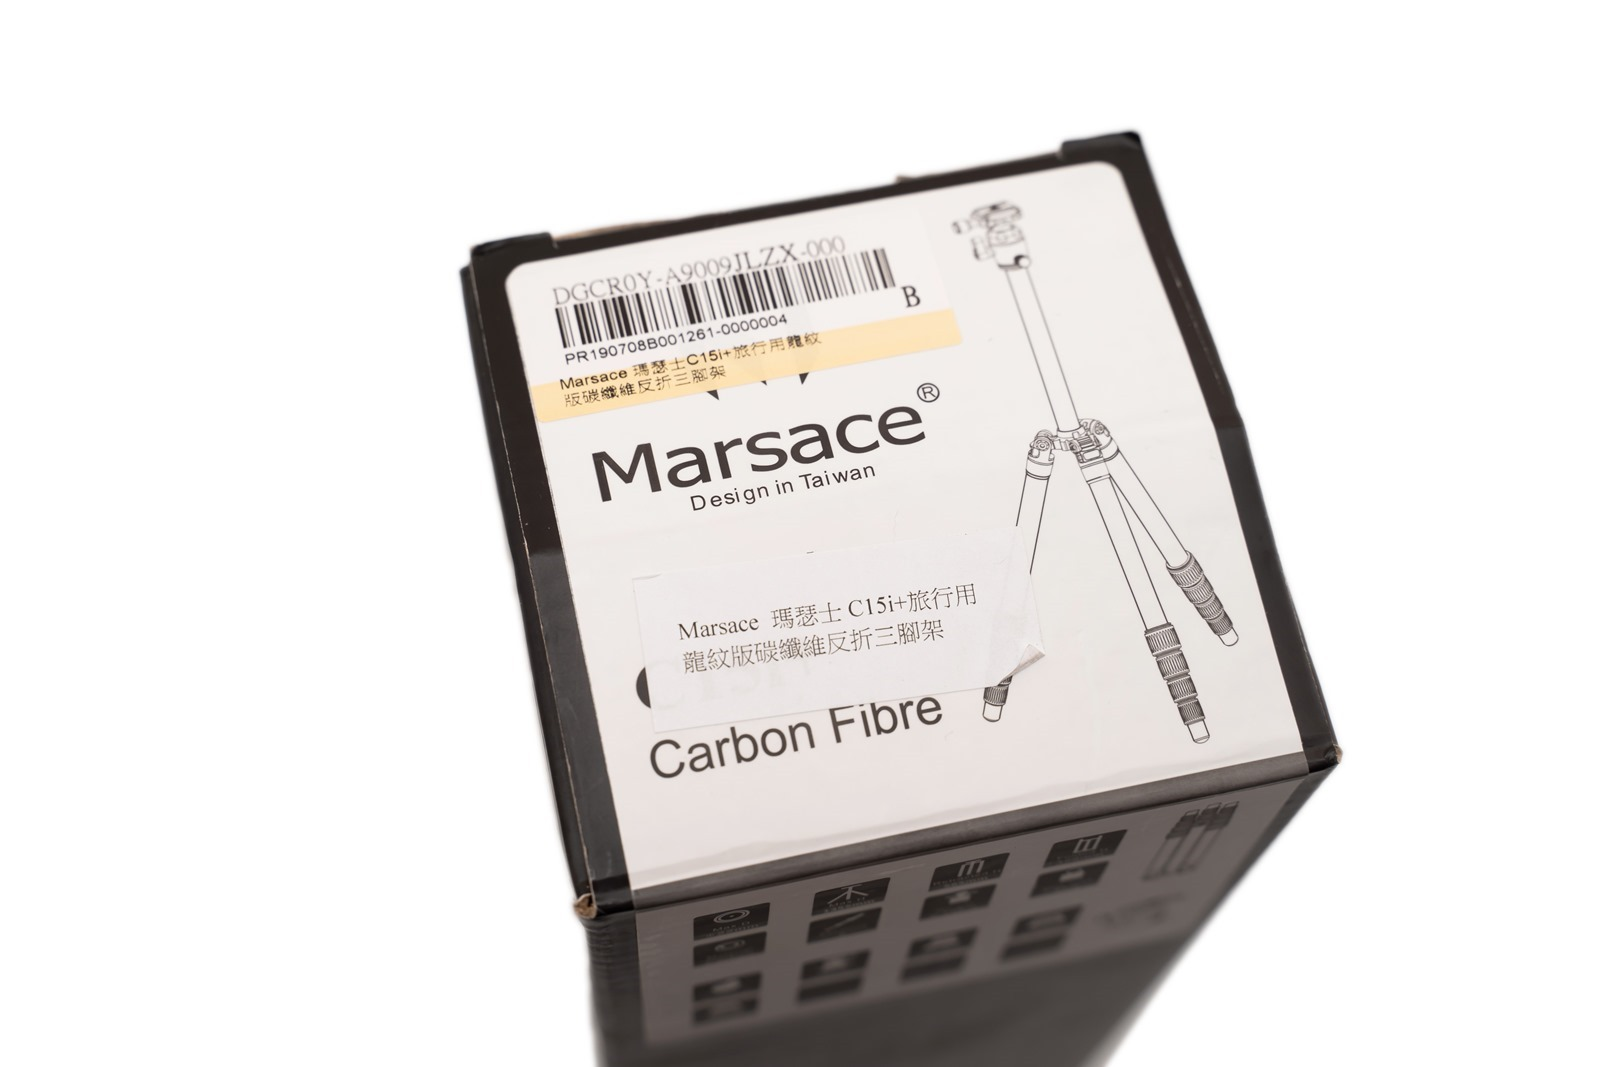 依然是四千最值得買嗎?Marsace 瑪瑟士 C15i+ 碳纖維攜帶腳架開箱~ 和 C15i 比比看有什麼不同 @3C 達人廖阿輝